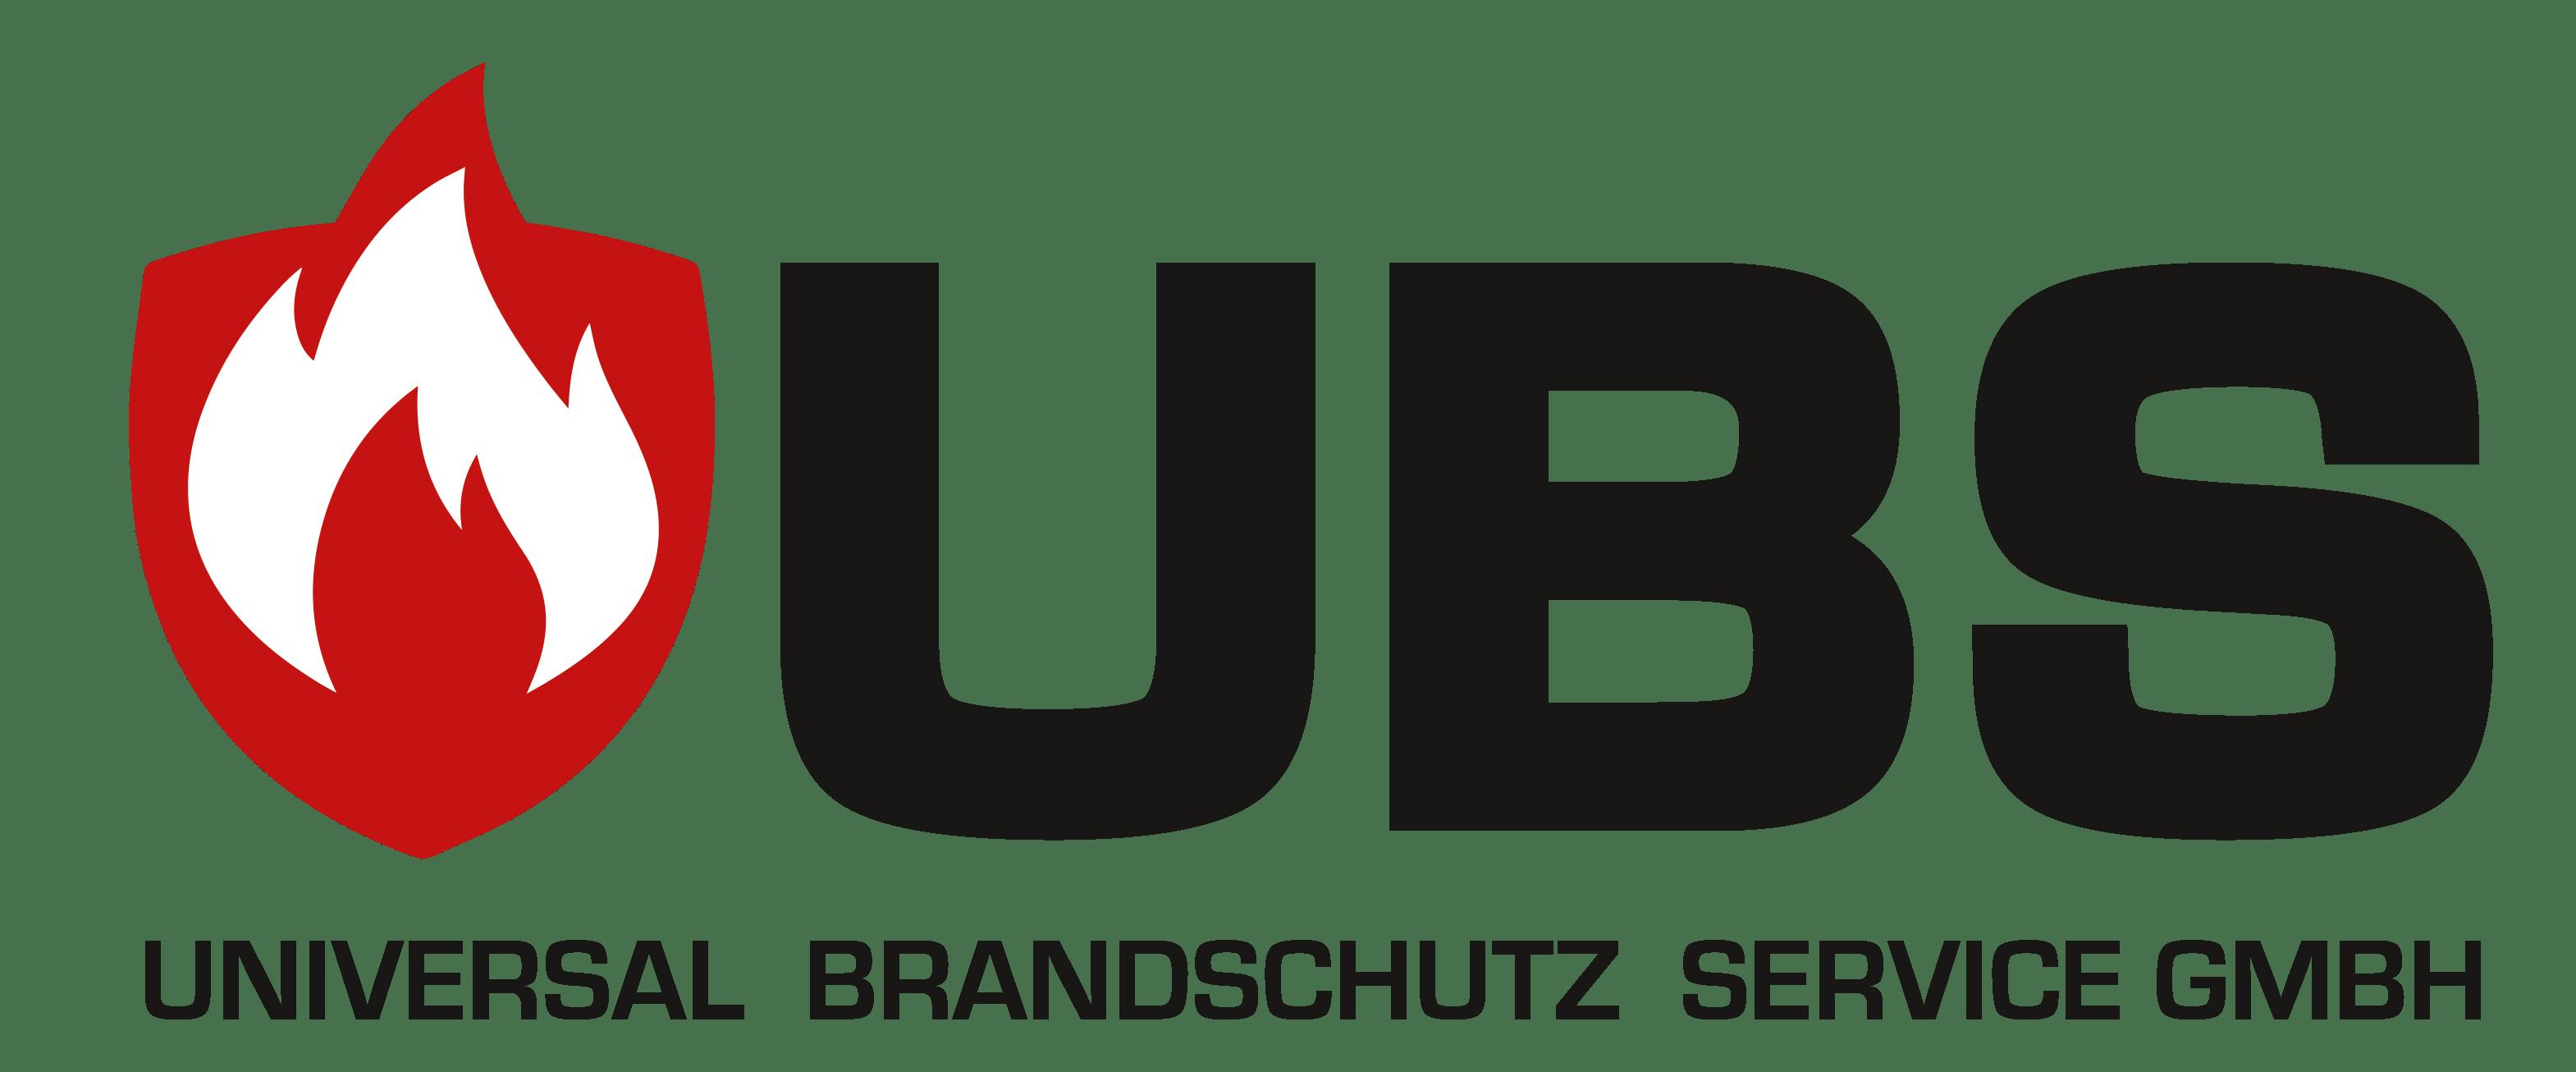 Universal Brandschutz Service GmbH